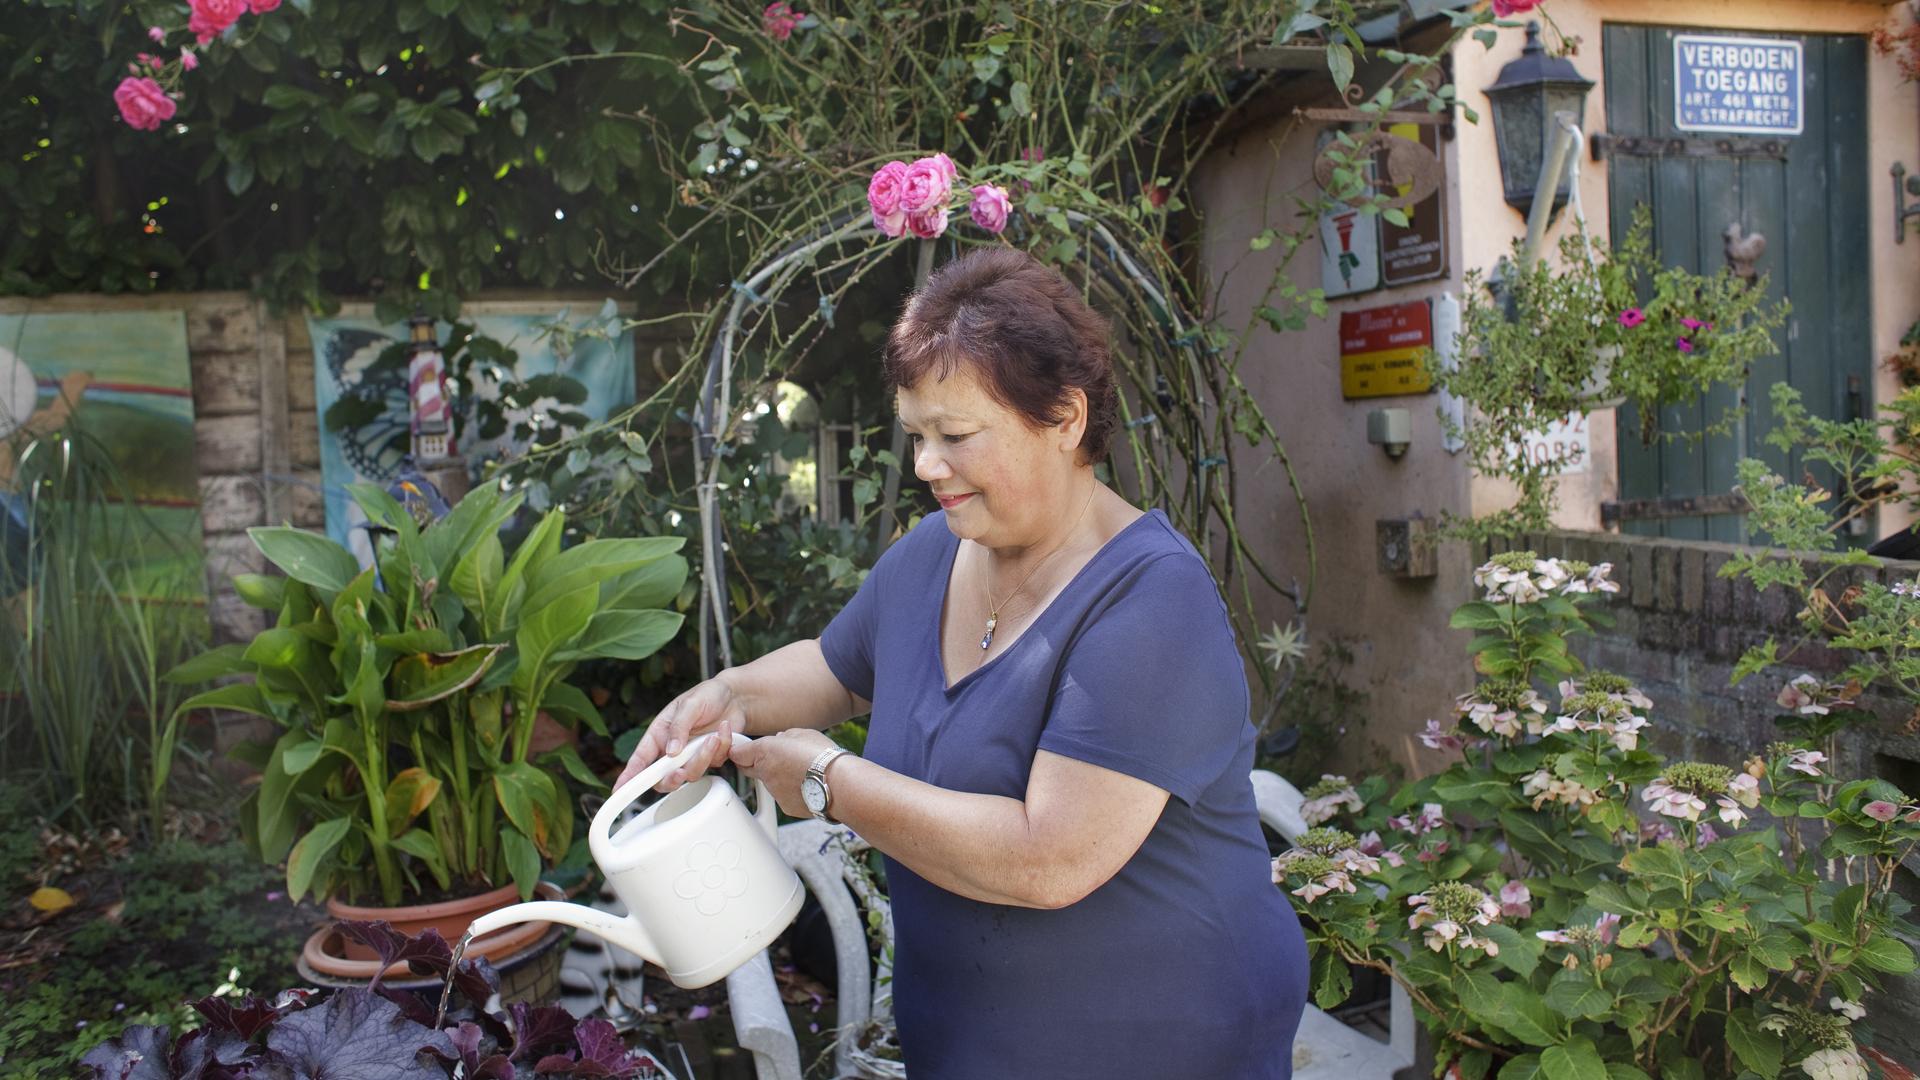 Vrouw geeft planten water